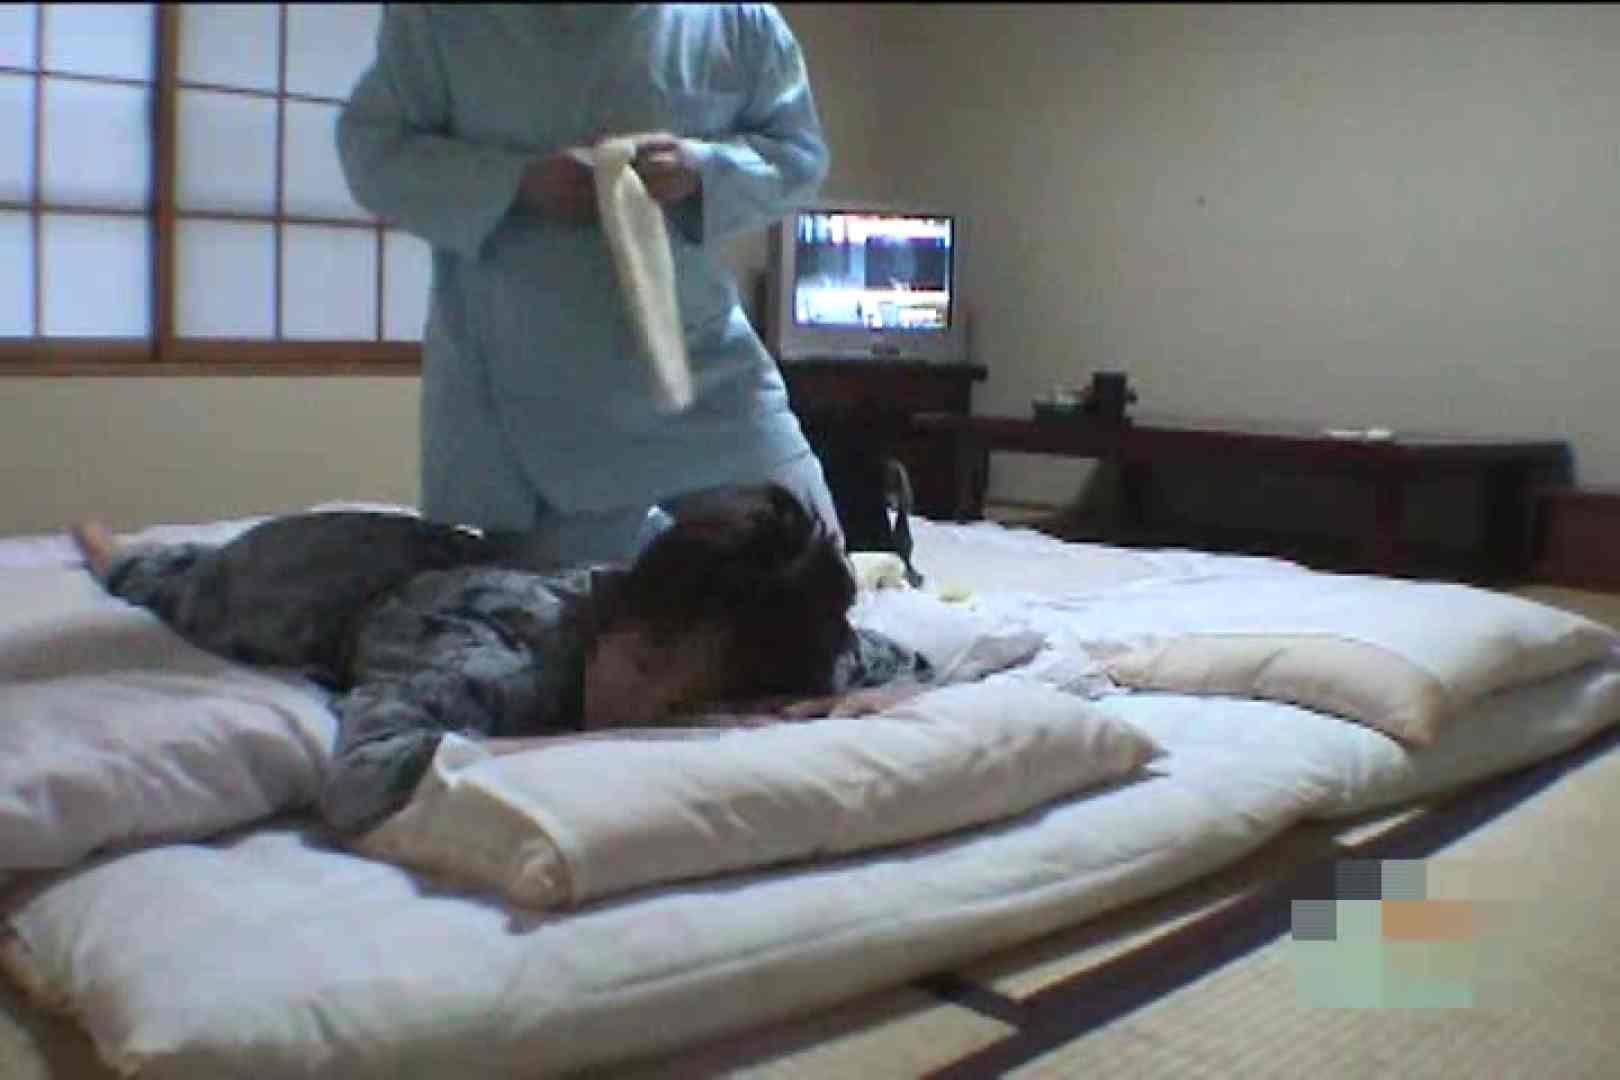 女性専用会員制風俗の実態!!Vol.2 性欲 盗撮われめAV動画紹介 95画像 41